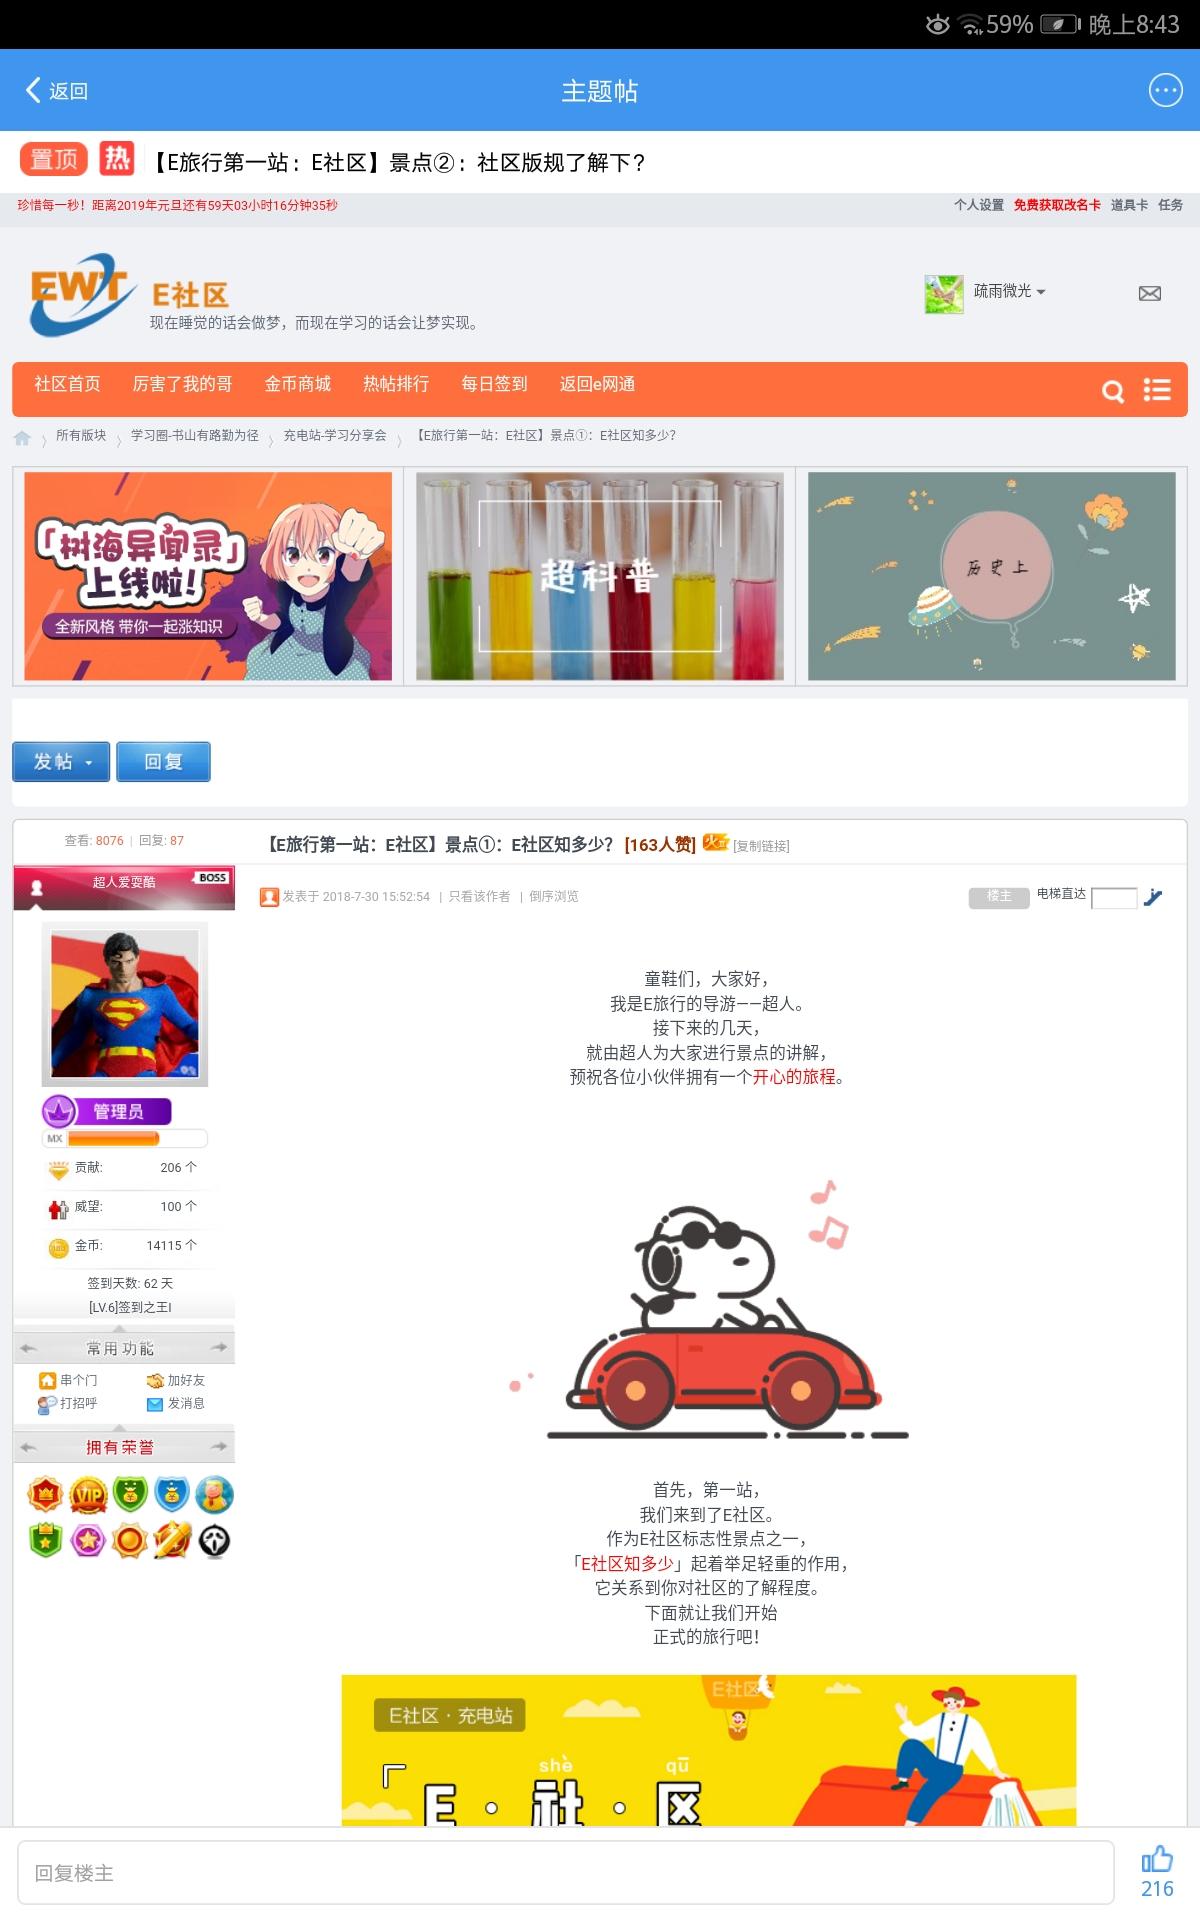 Screenshot_20181102-204325.jpg